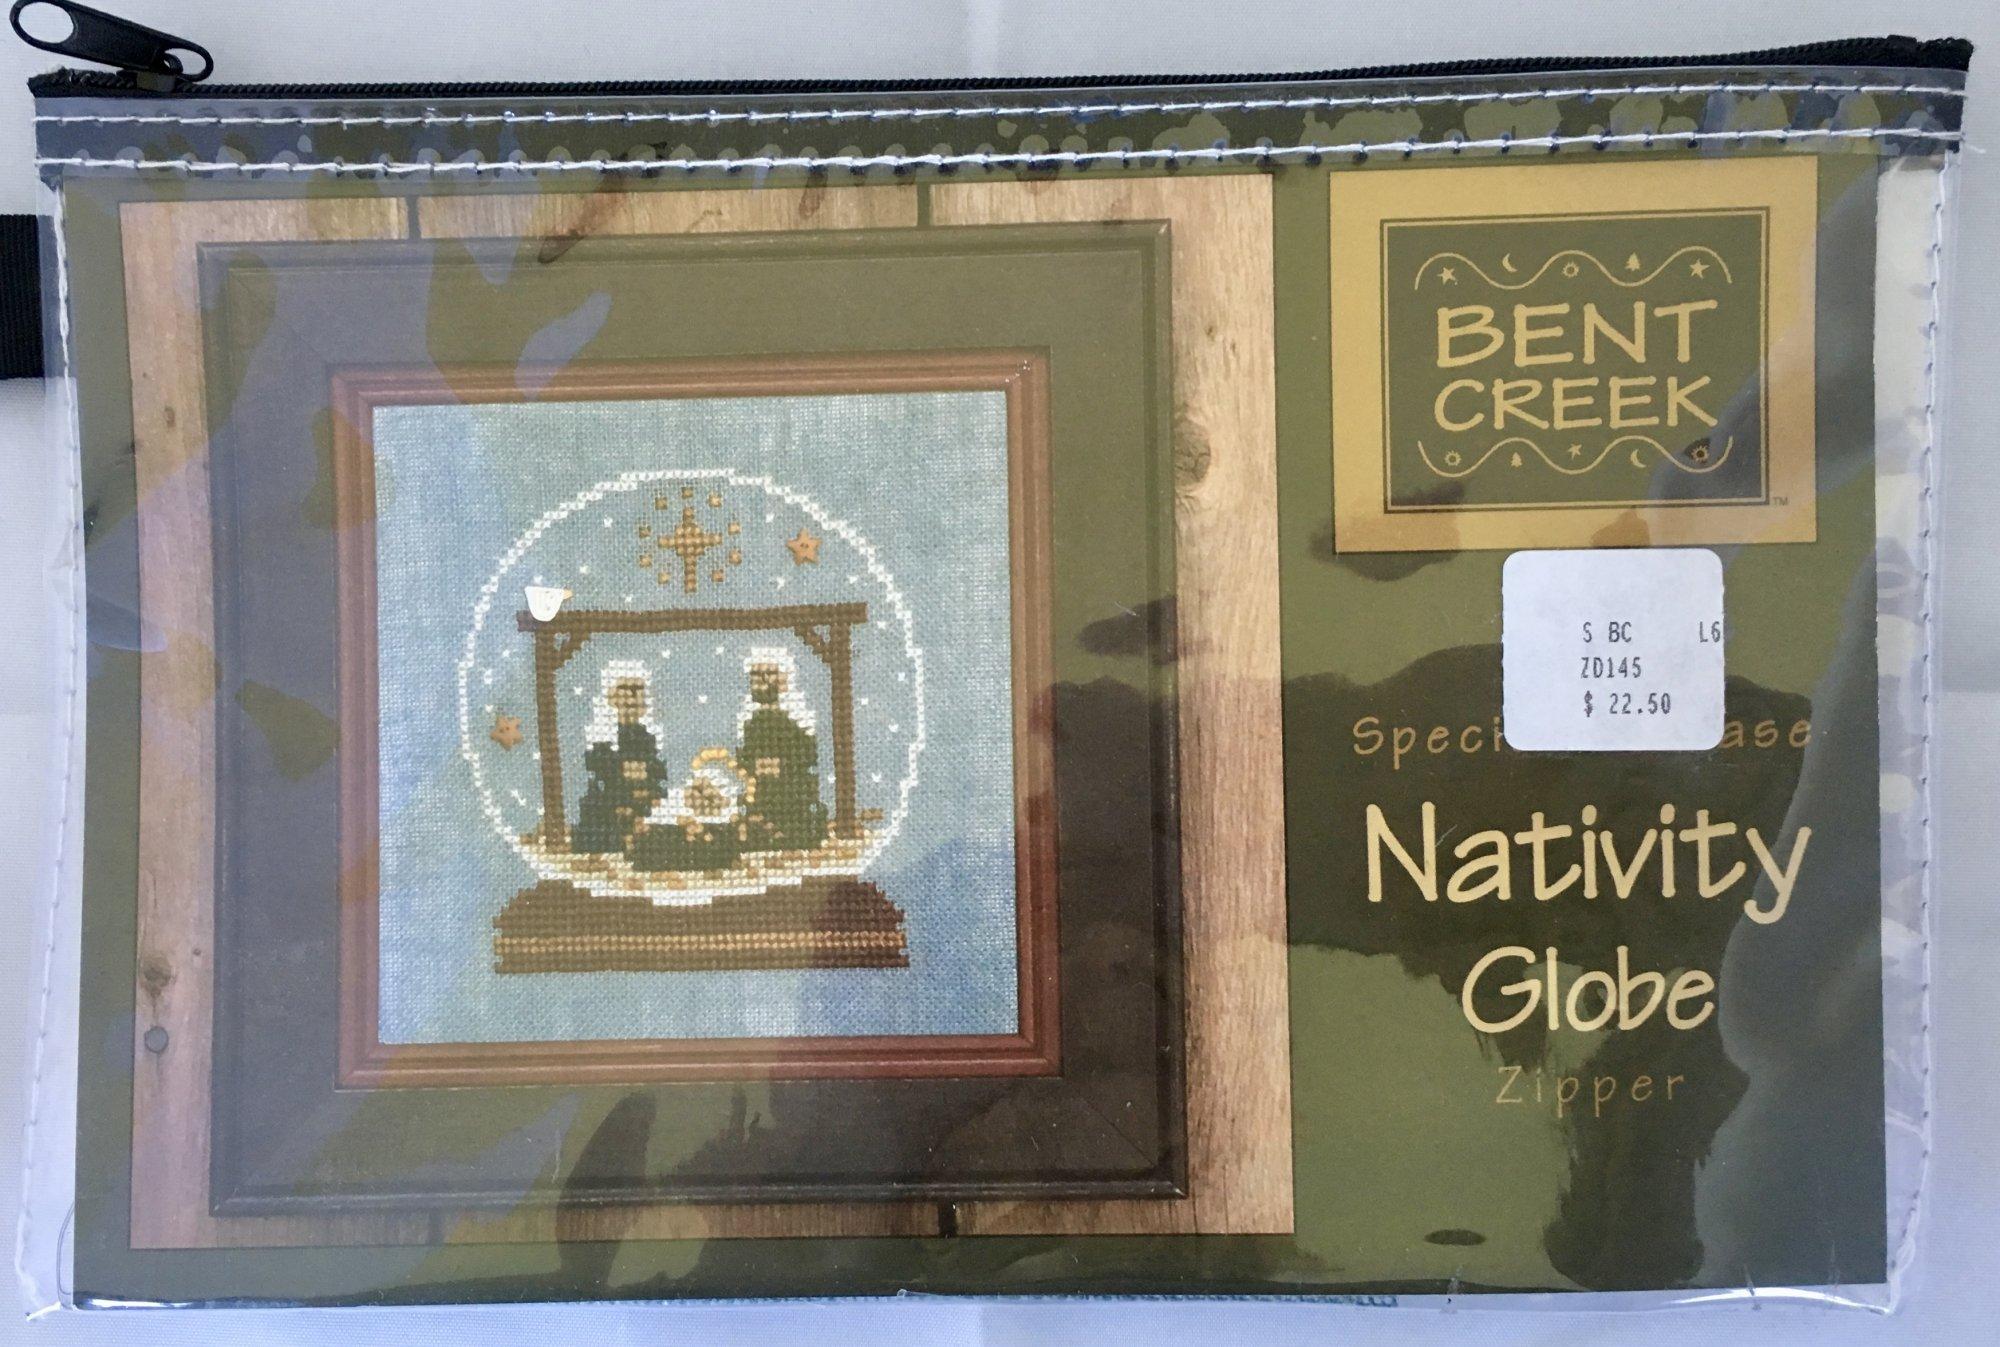 Bent Creek: Nativity Globe Zipper Kit